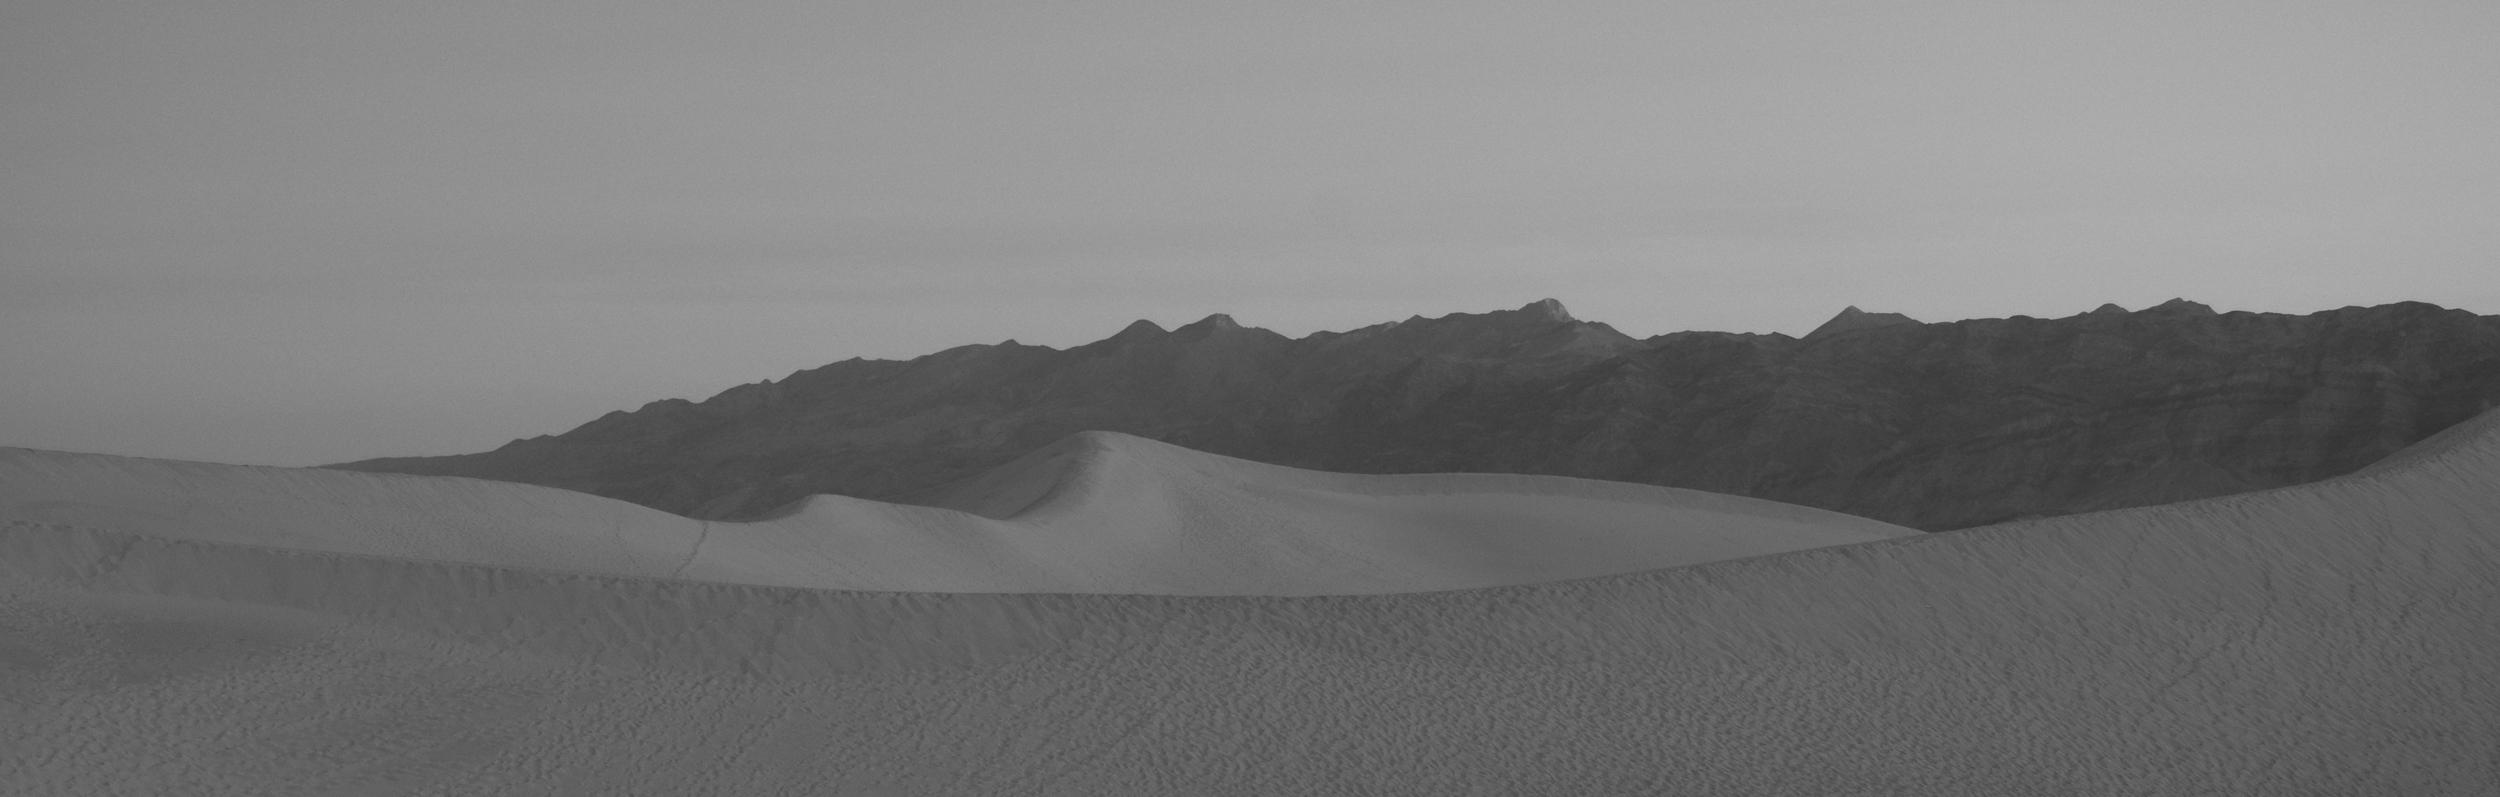 Death_Valley_DSC6407.jpg